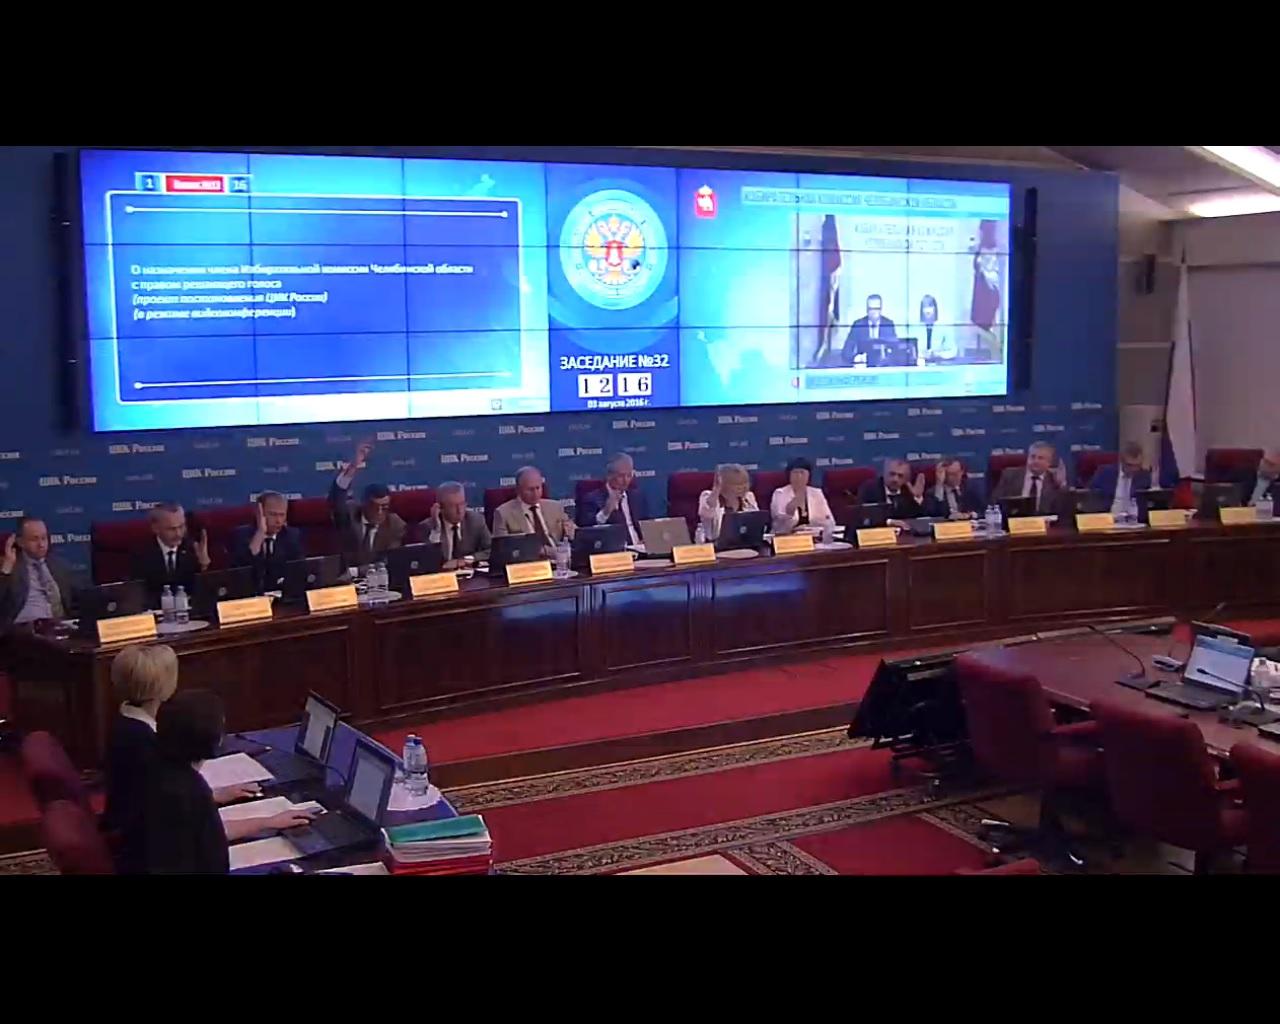 Центральная избирательная комиссия РФ рассмотрела вопрос о назначении в среду, 3 августа. На засе